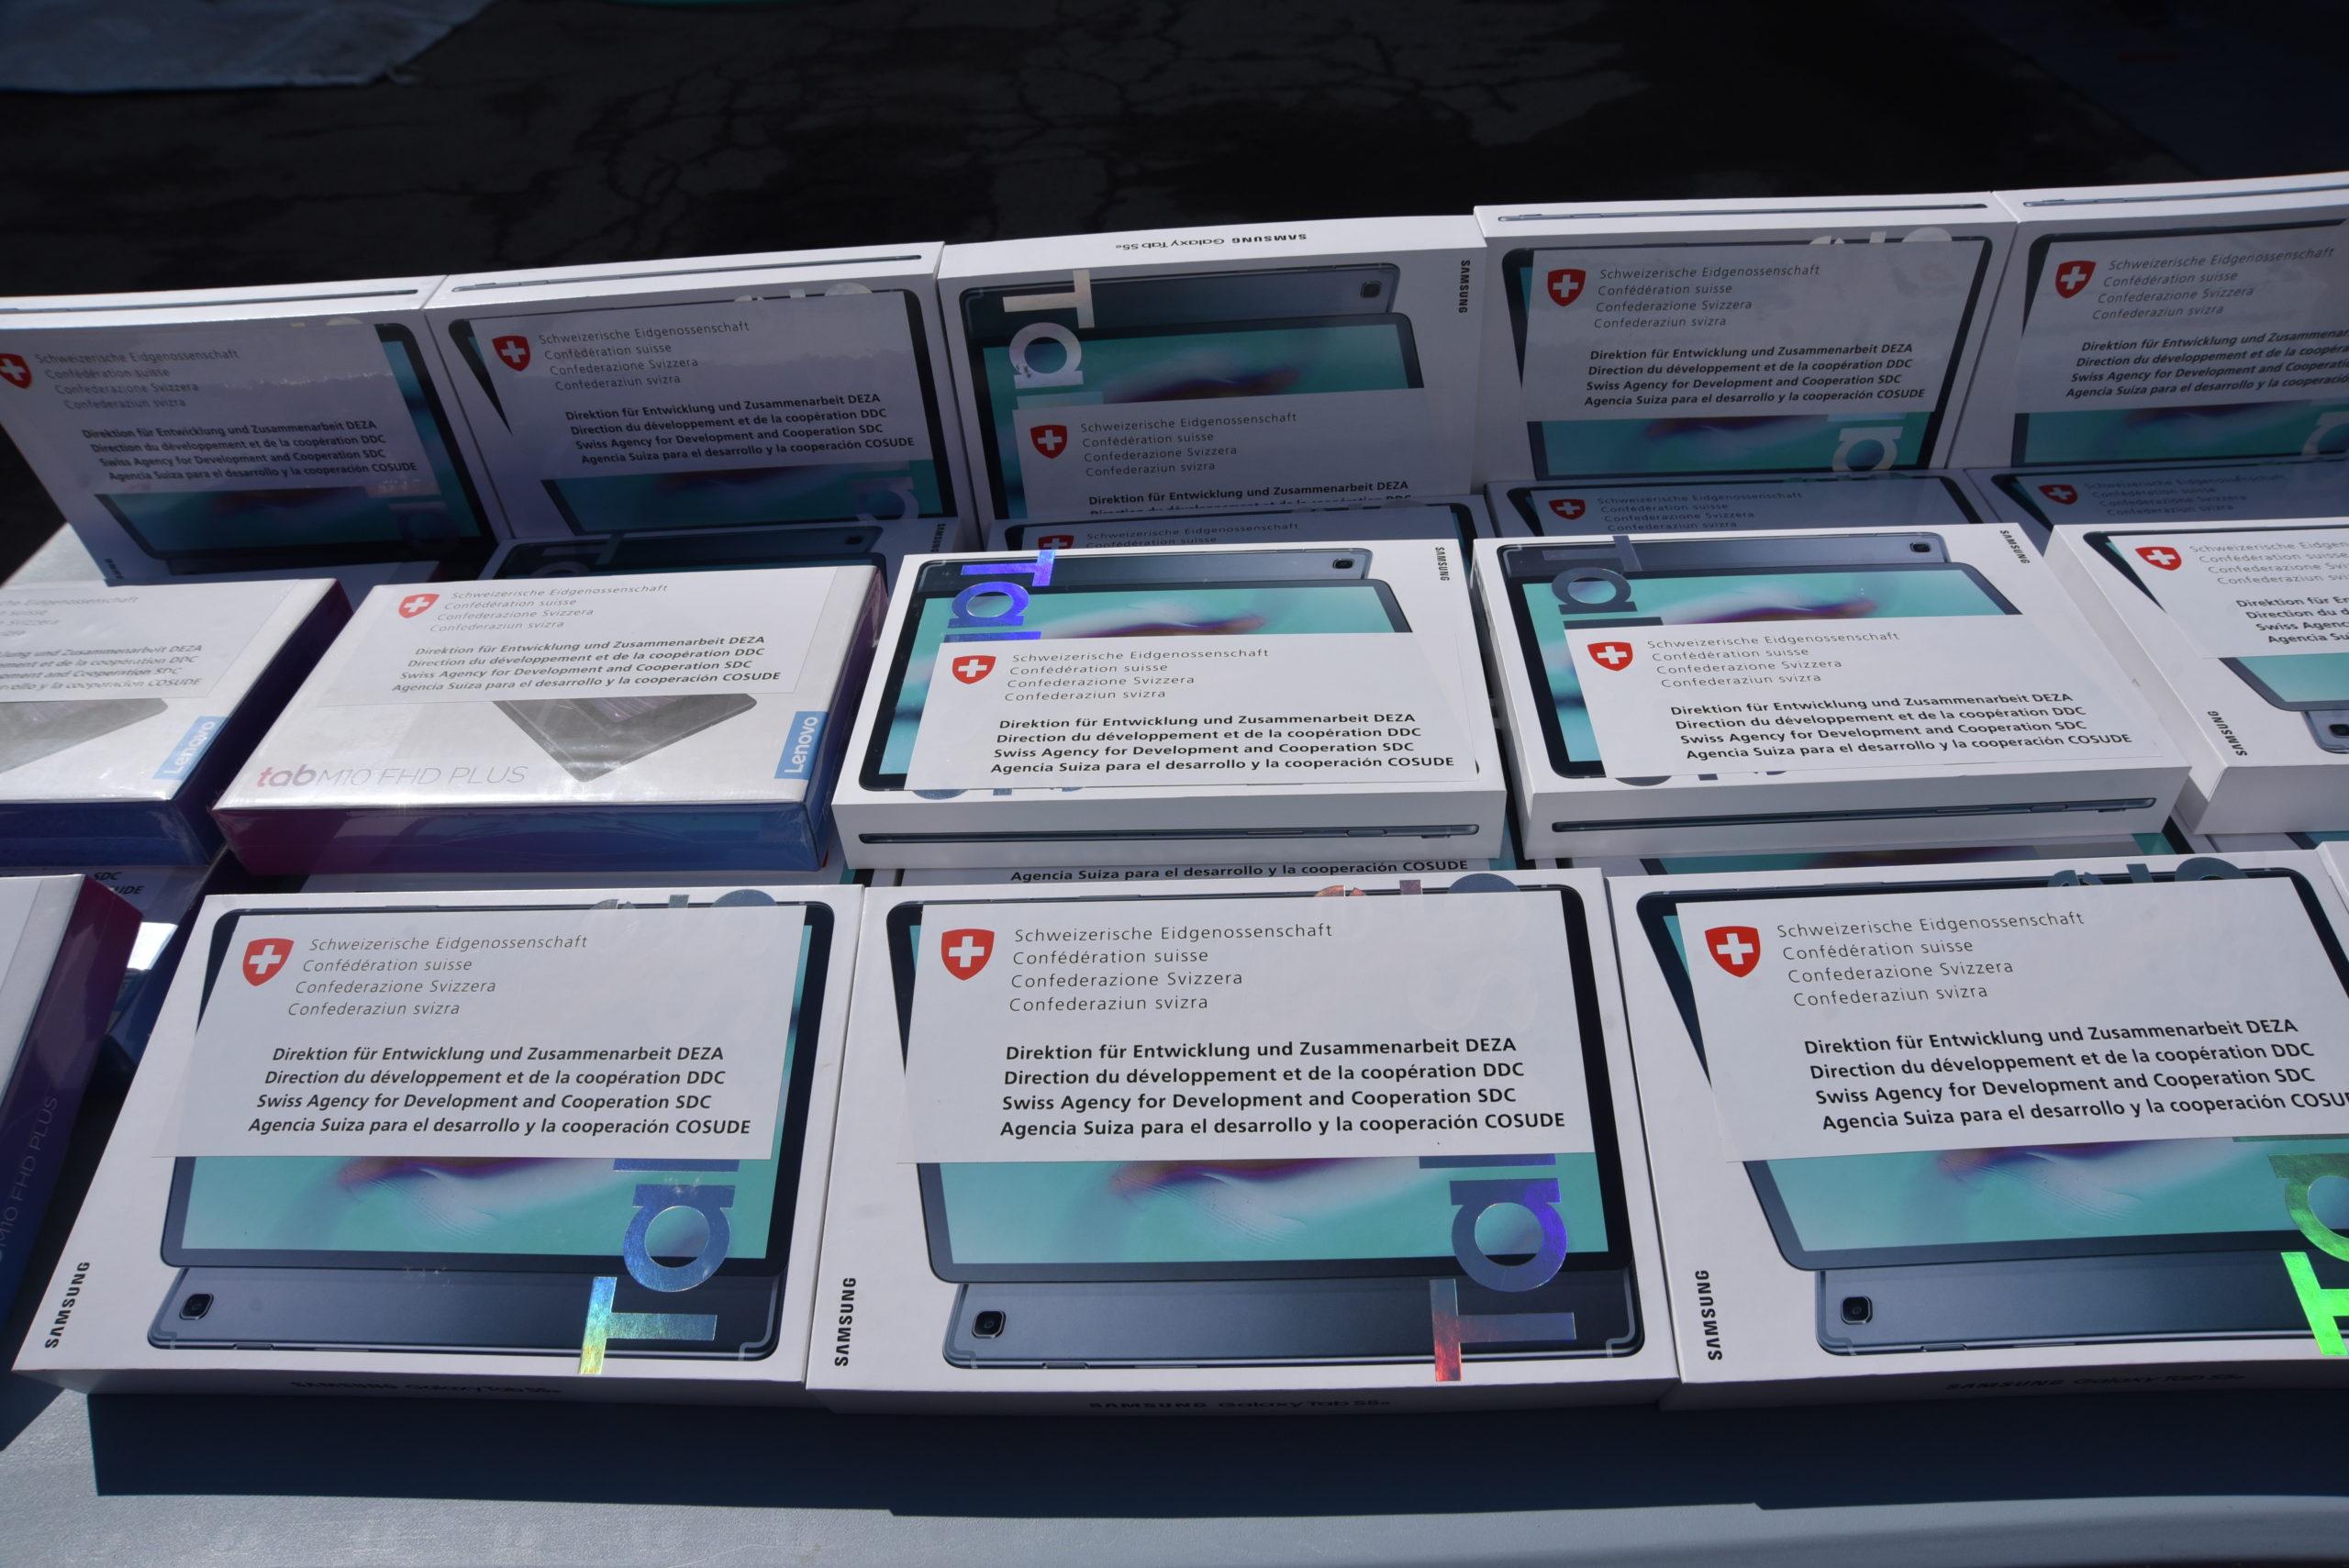 Швейцария иВОЗ передали Молдове планшеты идва мобильных обеззараживающих душа (ФОТО)